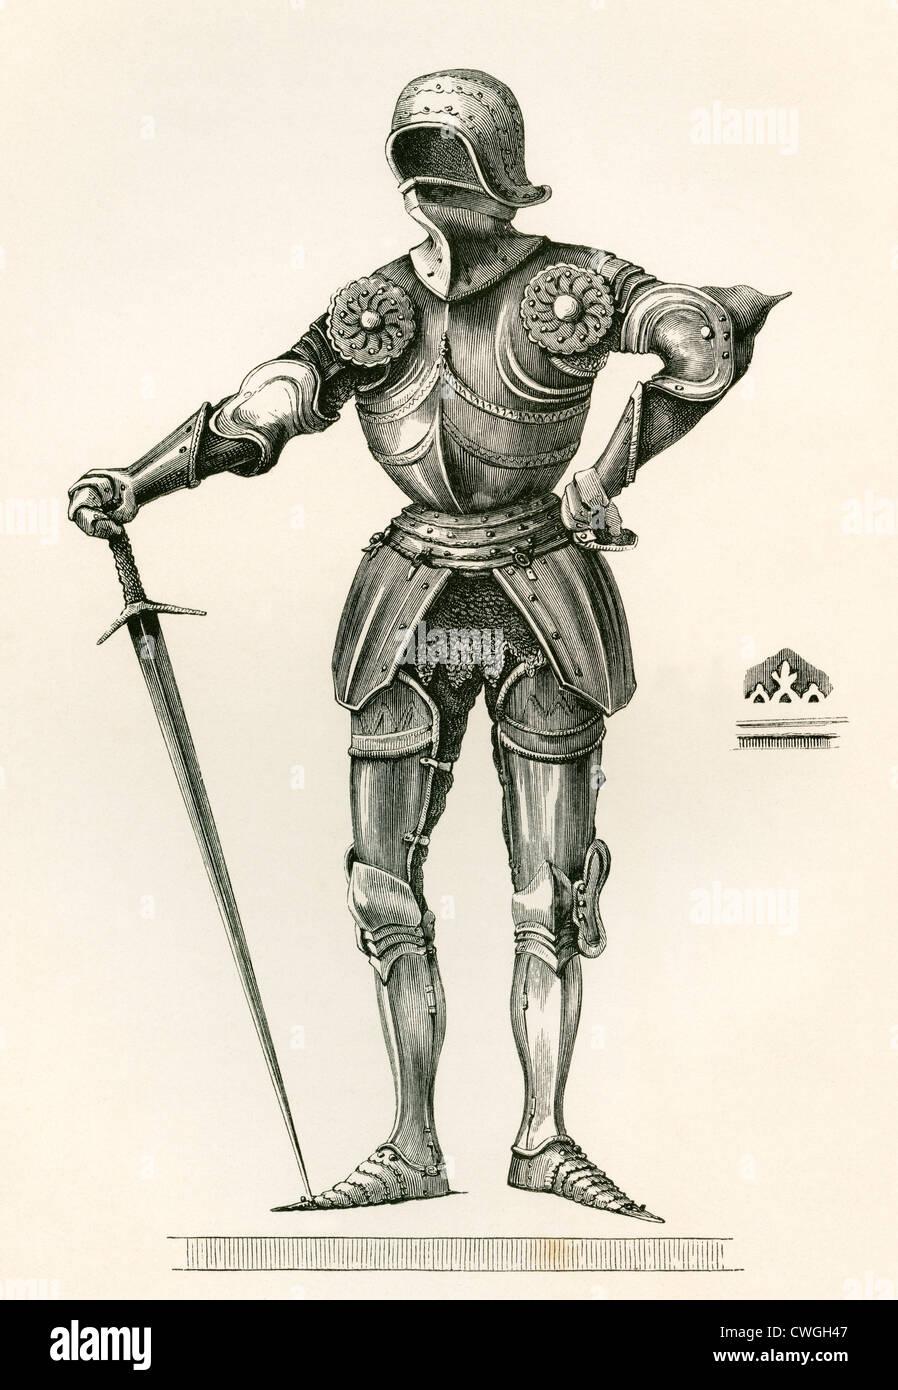 Tuta di armatura gotica, noto come à la Poulaine, risalente A.D. 1450. Immagini Stock